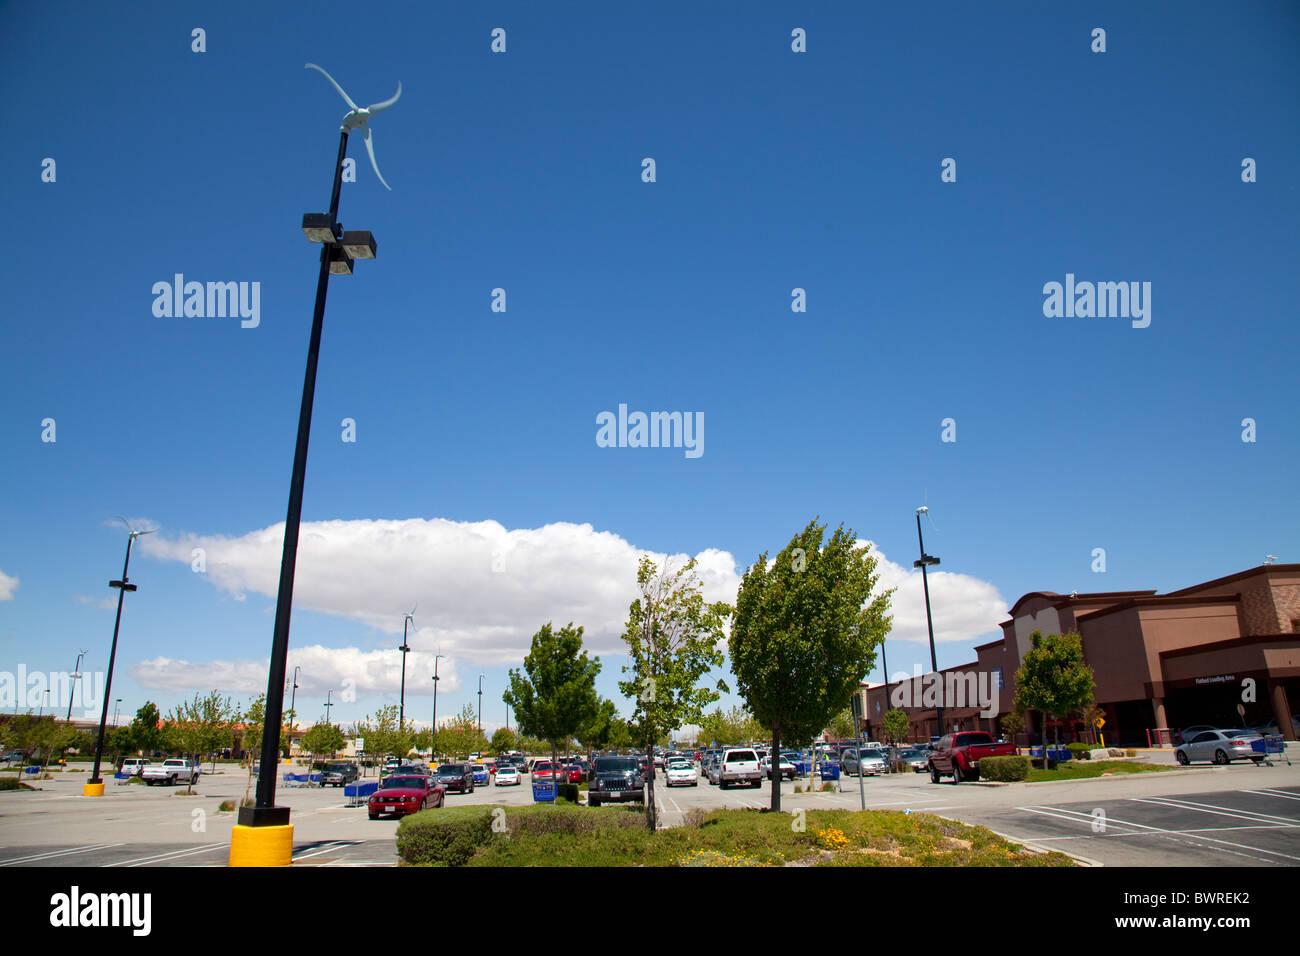 17 Mikro-Windturbinen auf Parkplatz des Sams Club und Walmart, Palmdale, Los Angeles County, Kalifornien, USA Stockbild